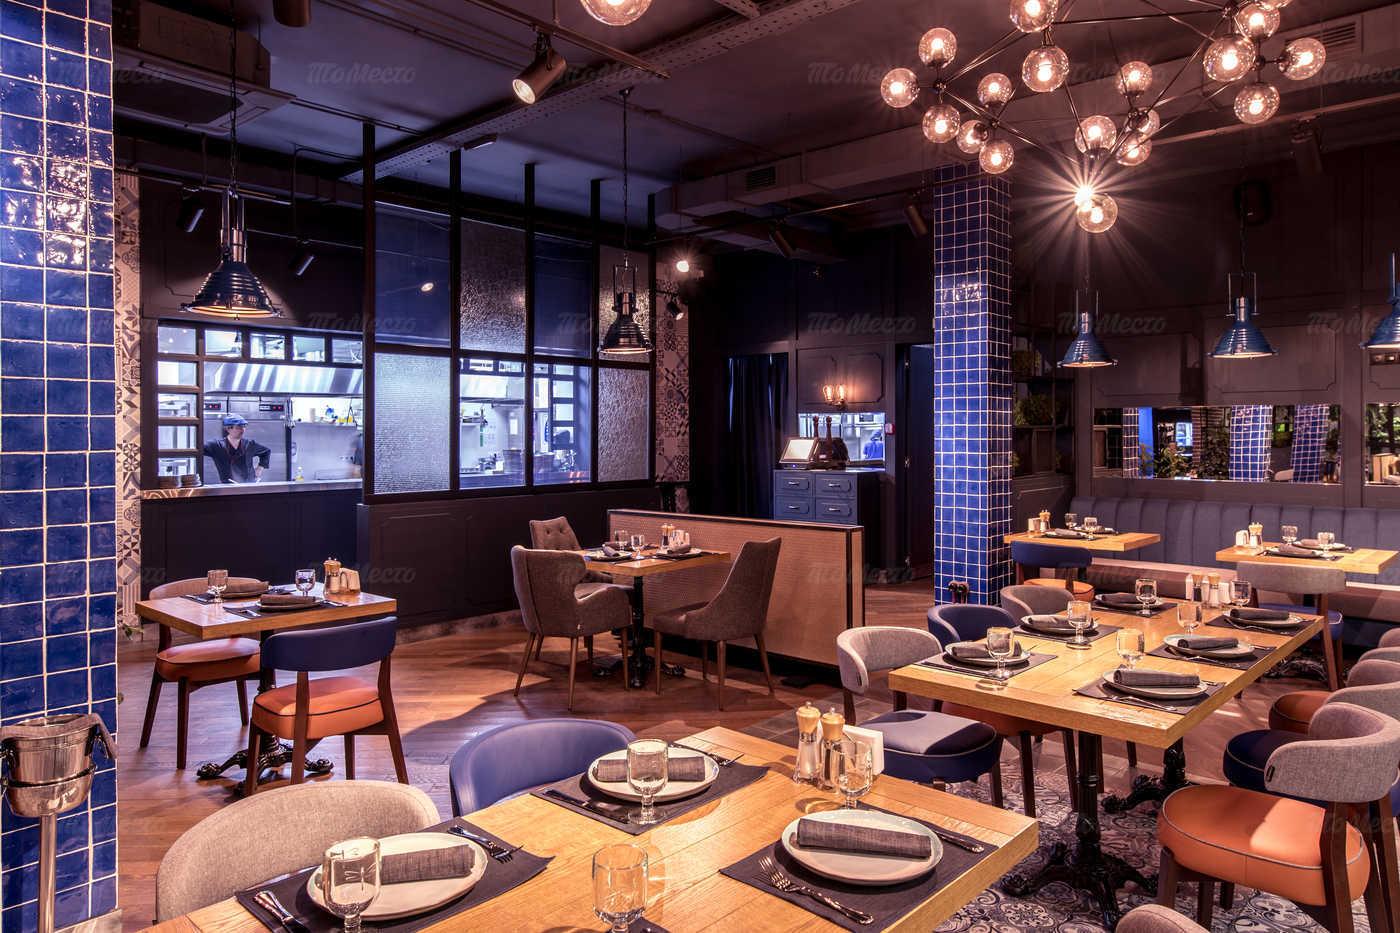 фон можно кафе и рестораны в дмитрове с фото основным